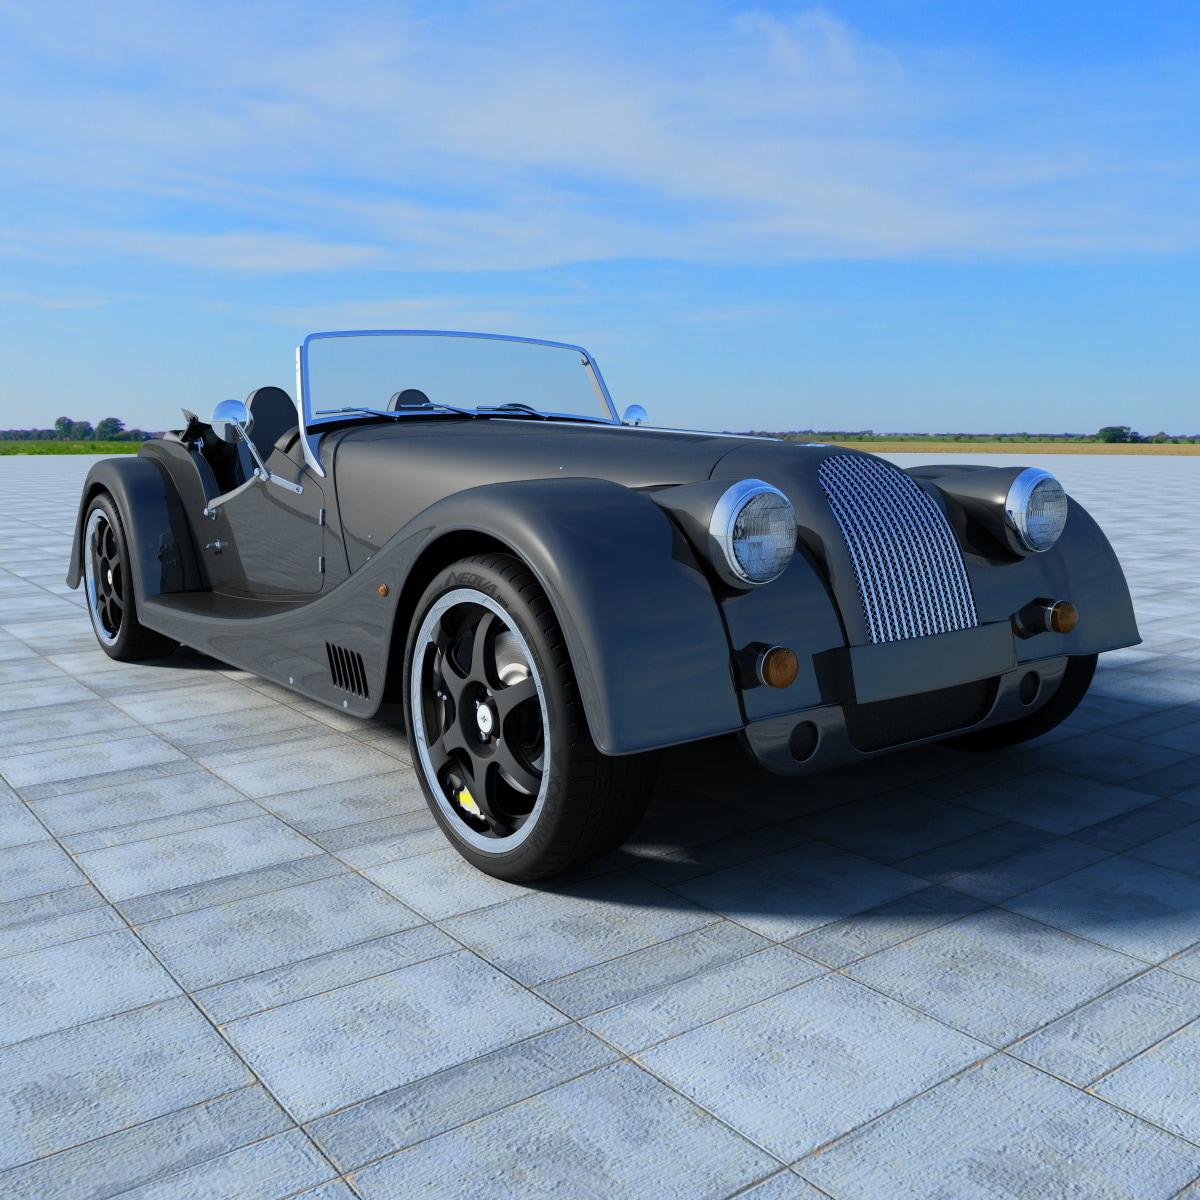 2013 morgan 8 sports car obj